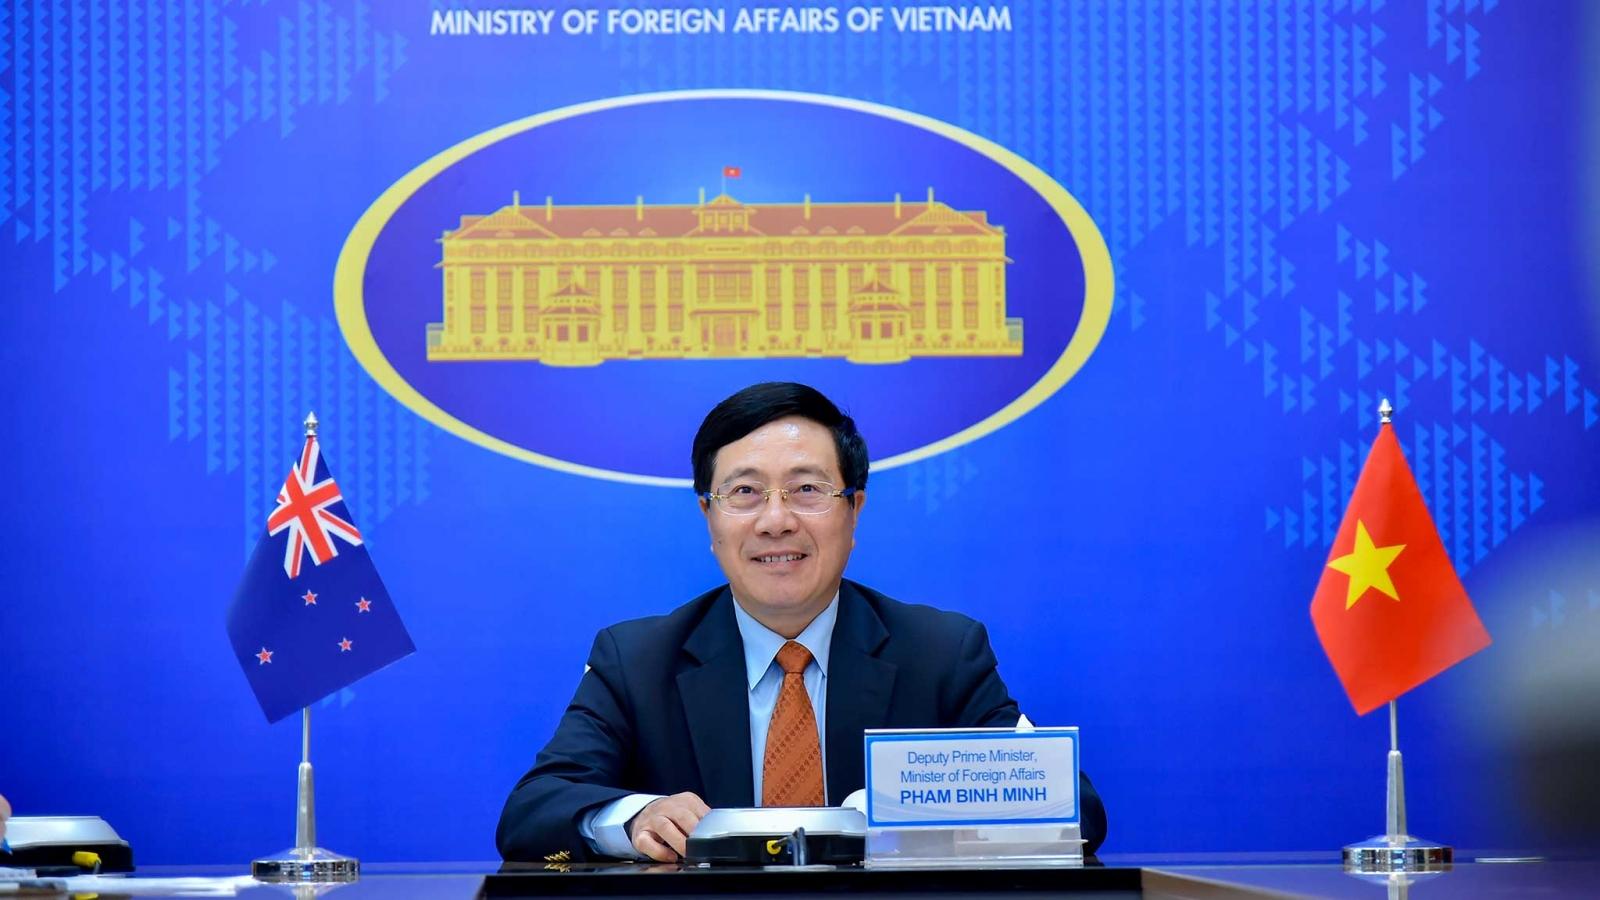 Phó Thủ tướng Phạm Bình Minh  hội đàm trực tuyến với Bộ trưởng Ngoại giao New Zealand